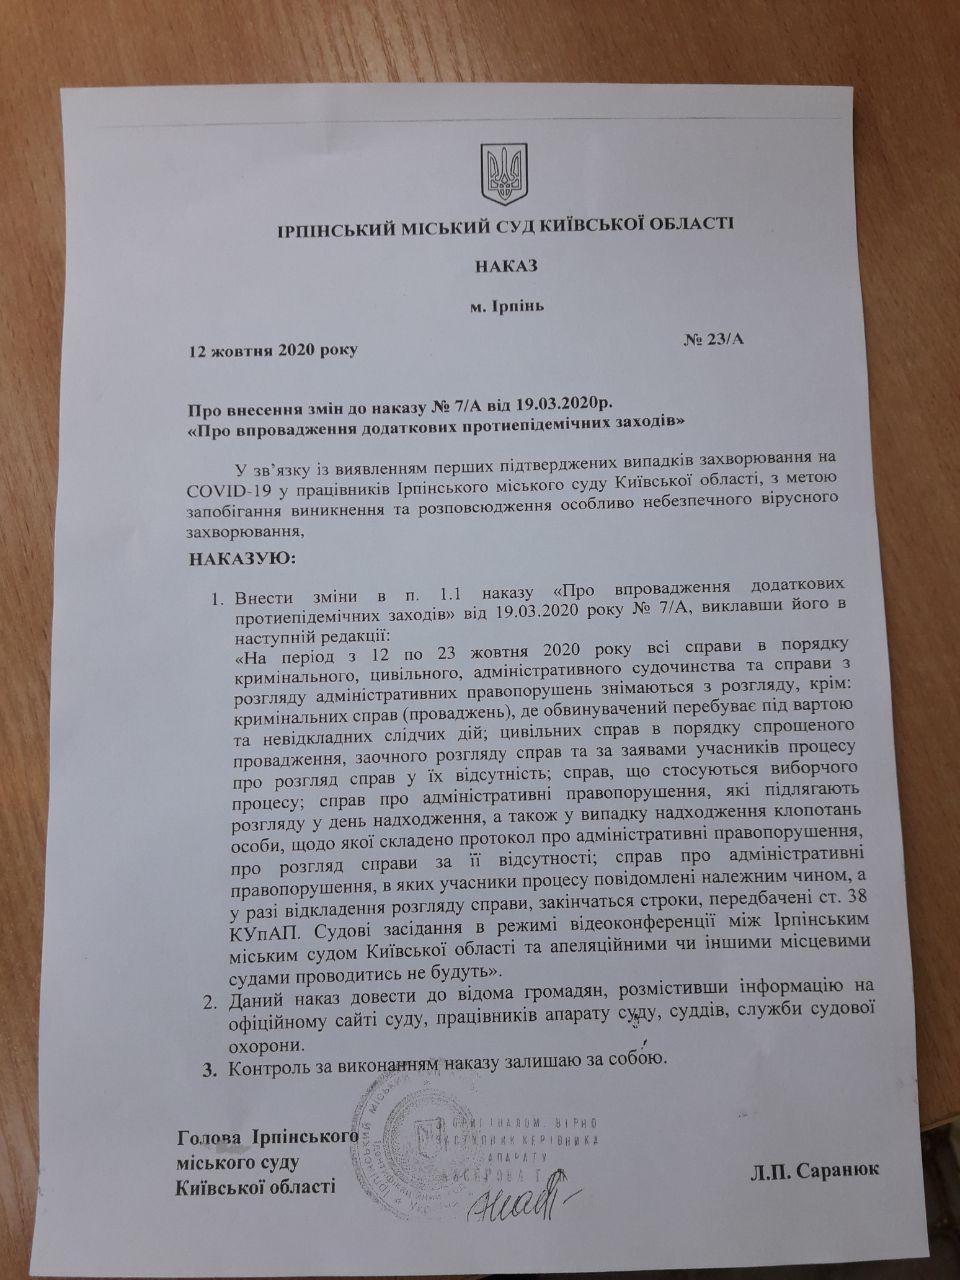 Через коронавірус Ірпінський міський суд закривають на два тижні - коронавірус - IMG 20201012 114046 830